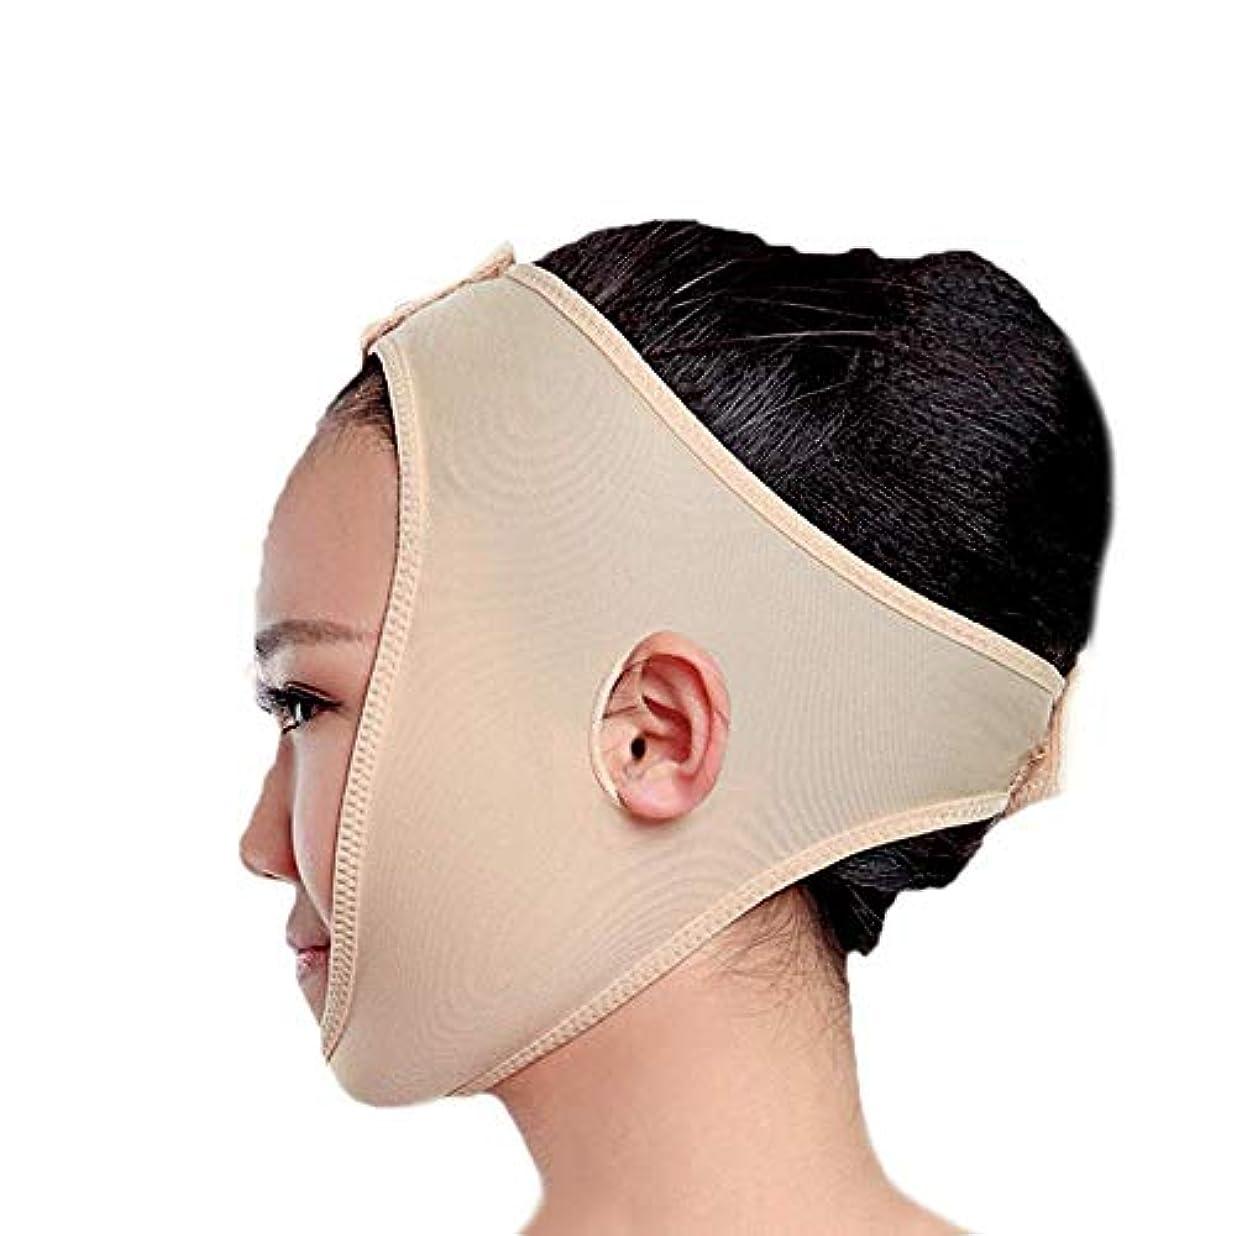 絡まる部族エンドテーブルフェイススリミングマスク、快適さと通気性、フェイシャルリフティング、輪郭の改善された硬さ、ファーミングとリフティングフェイス(カラー:ブラック、サイズ:XL),黄色がかったピンク2、L